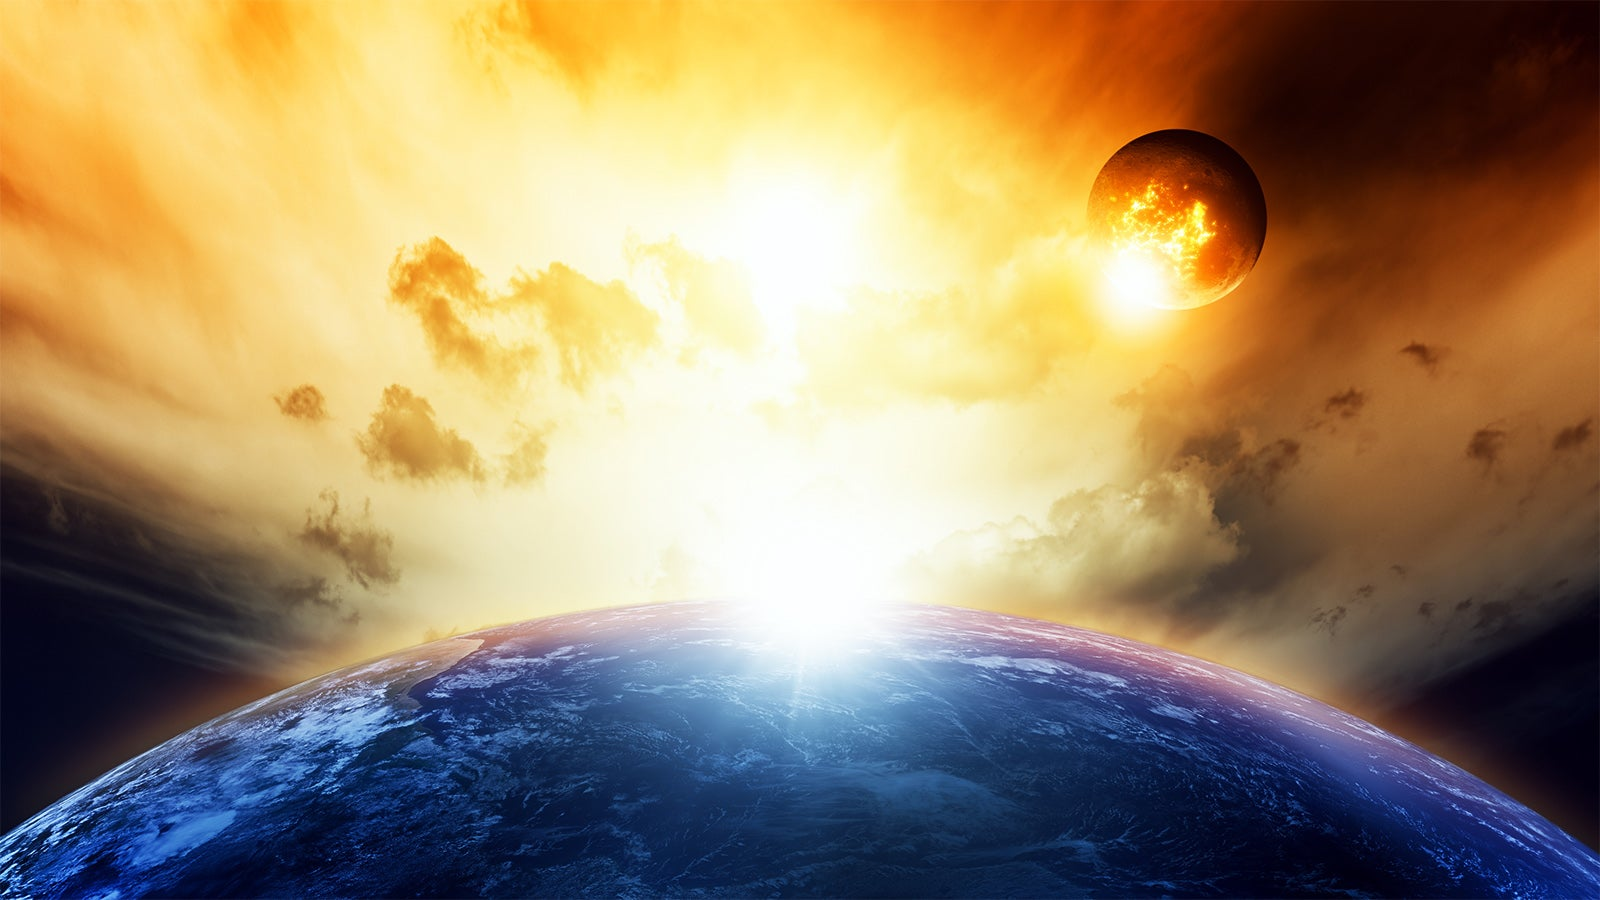 Auf Kollisionskurs: Dunkle-Materie-Hurrikan soll auf Erde treffen